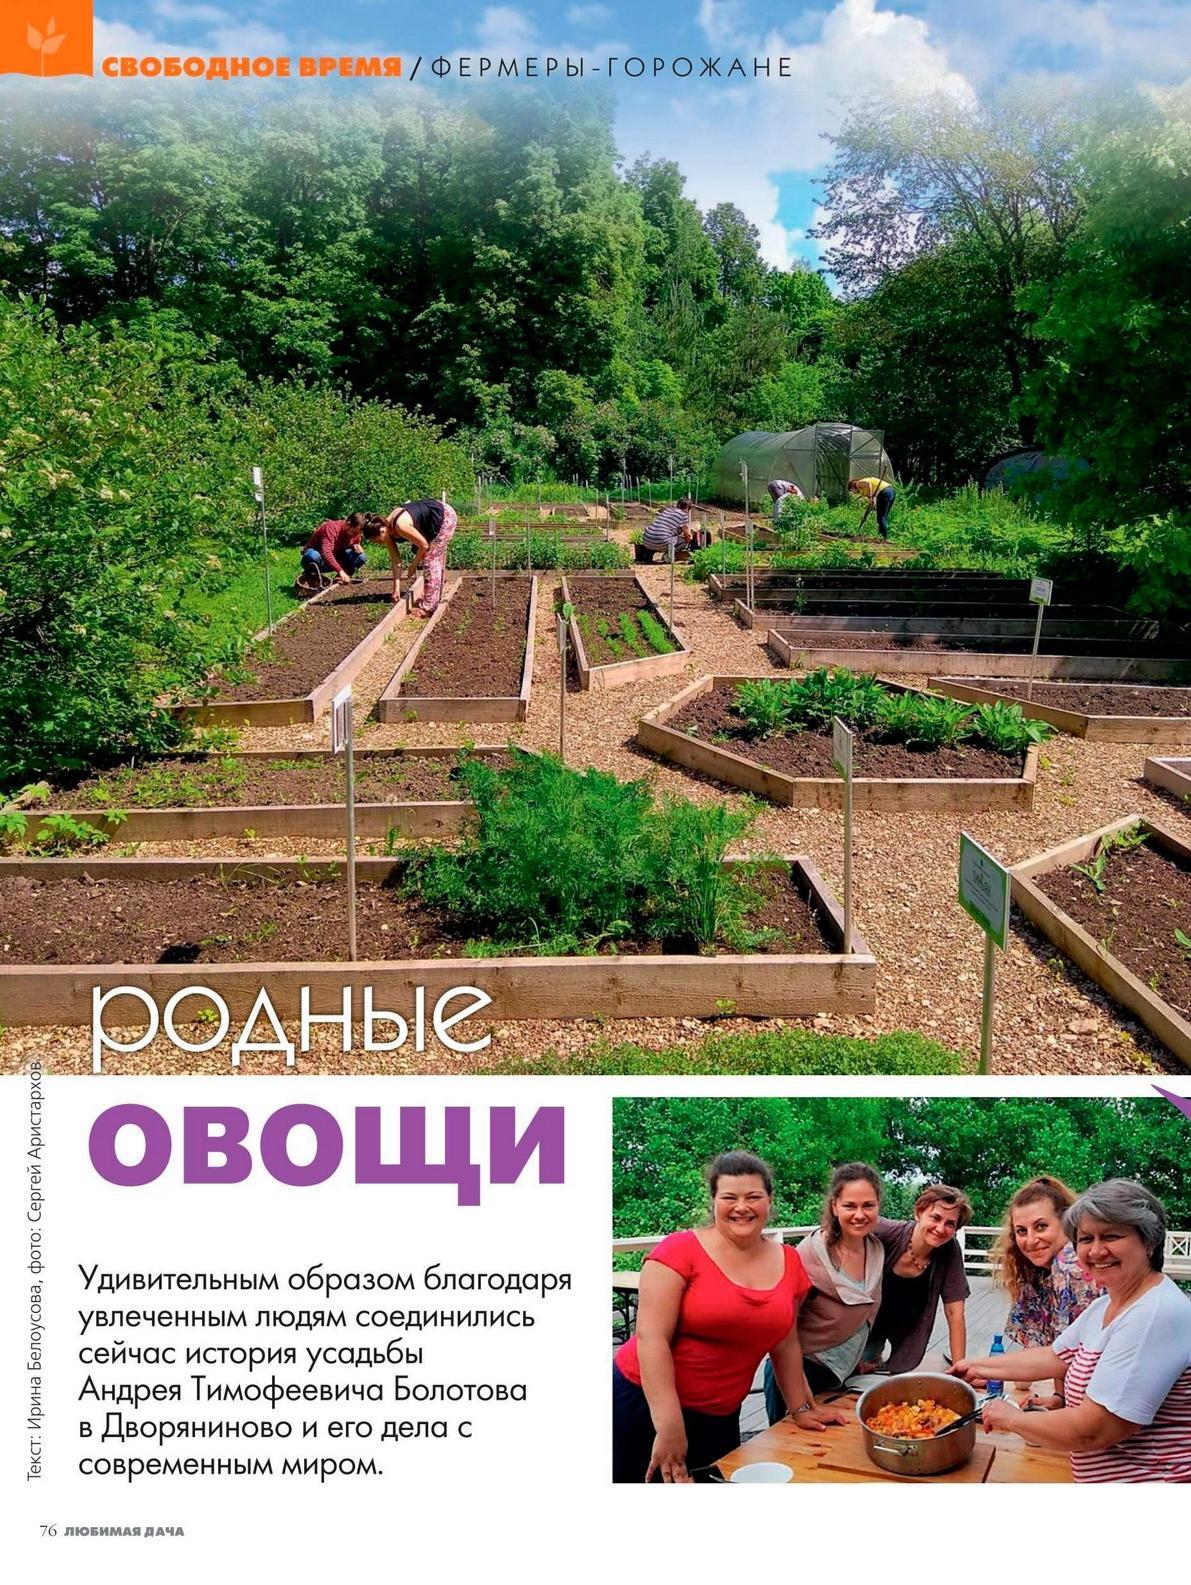 Нужна ли справка в бассейн в Голицыном